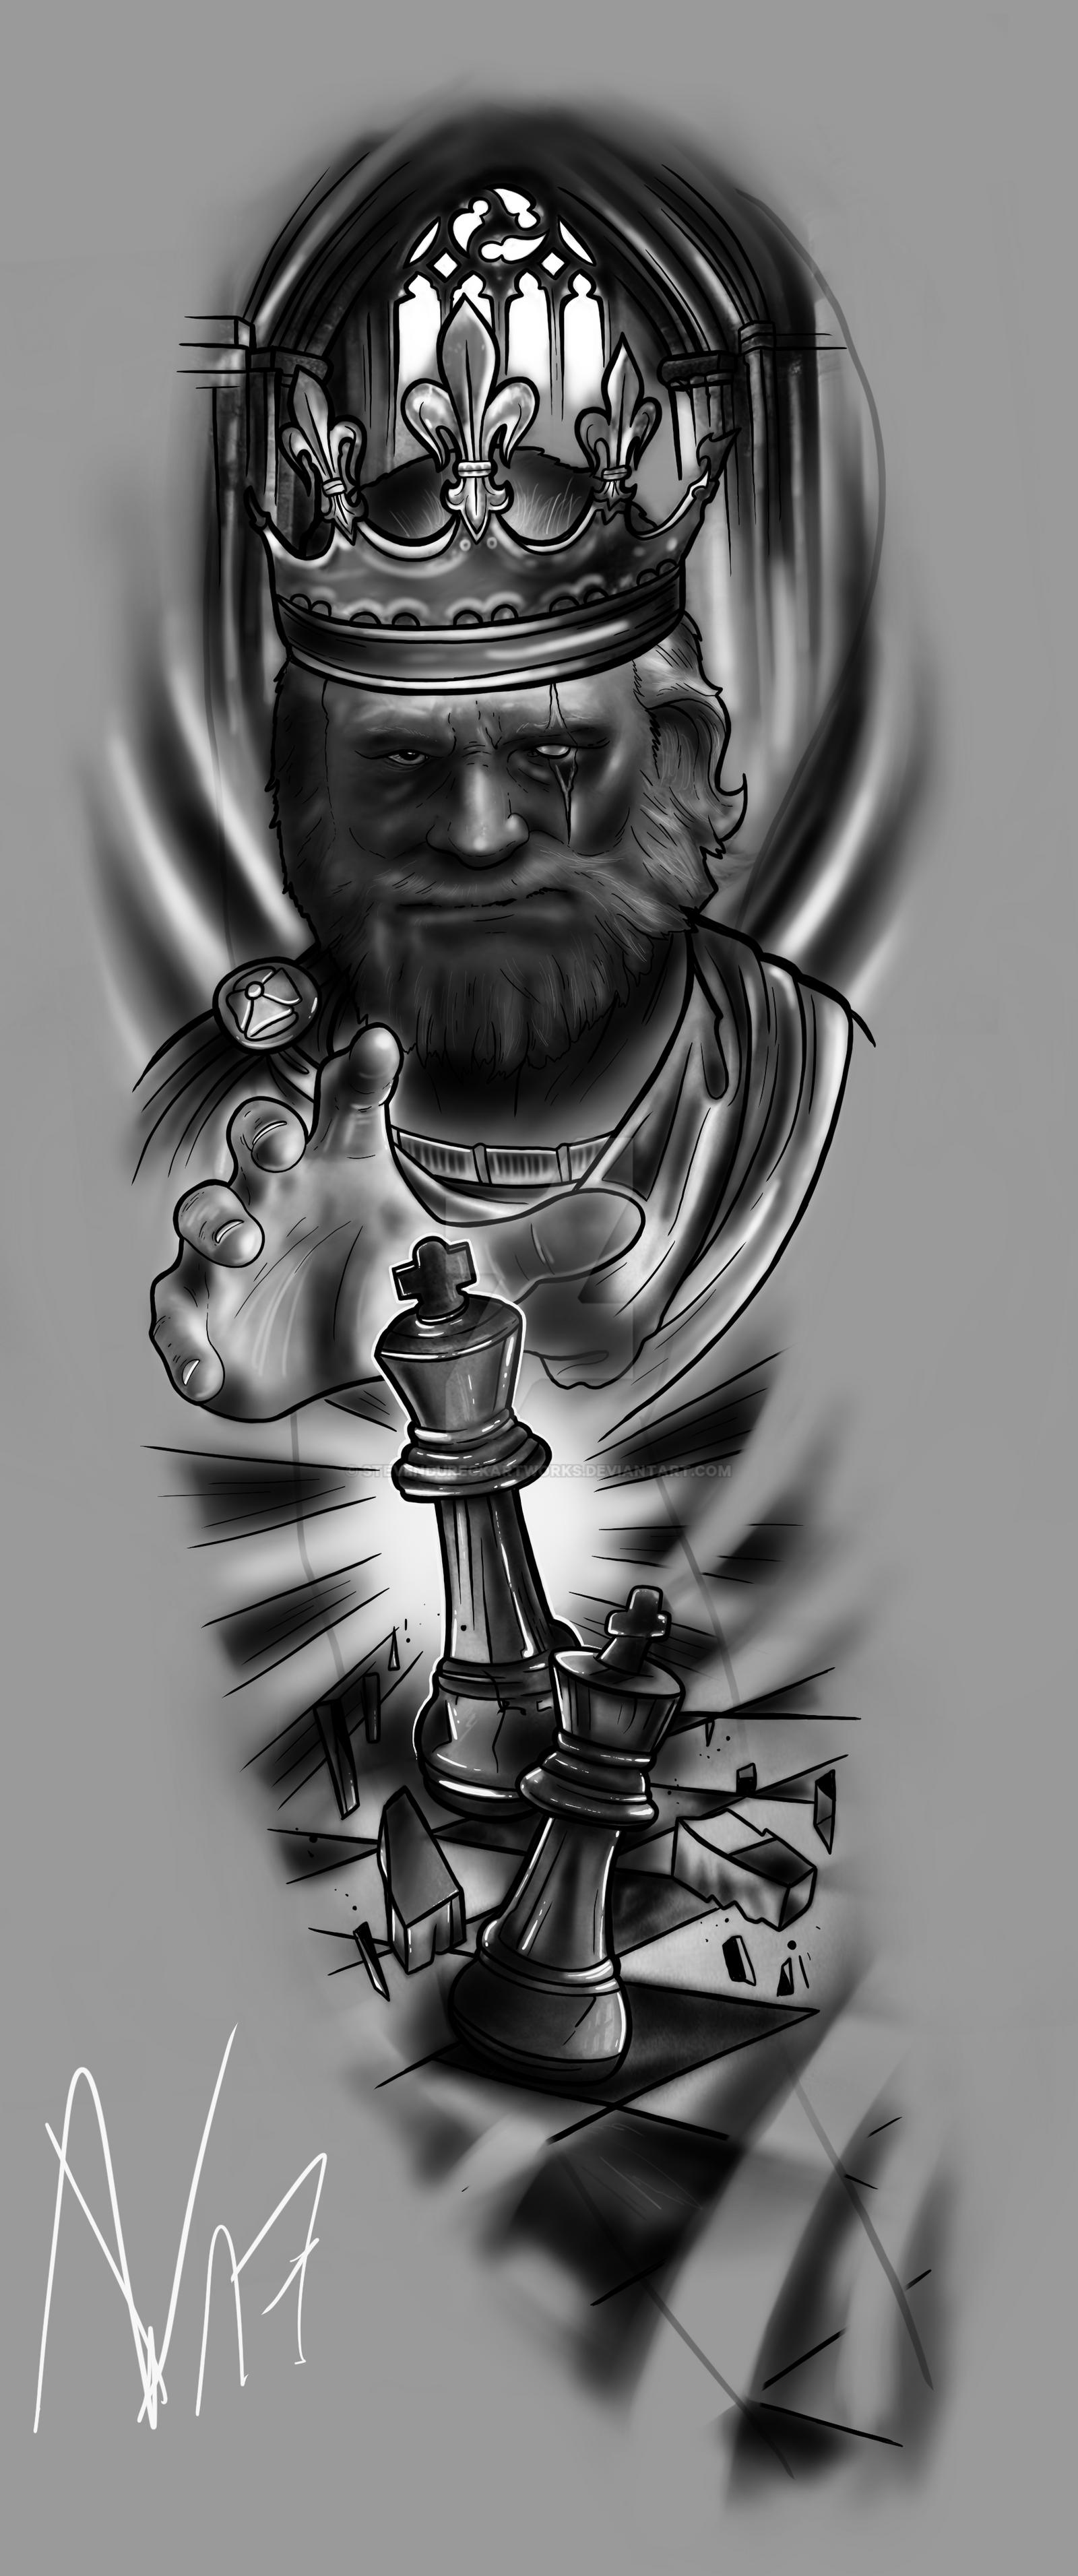 FULLSLEEVE Design - The King is back by StevenDureckArtworks on DeviantArt